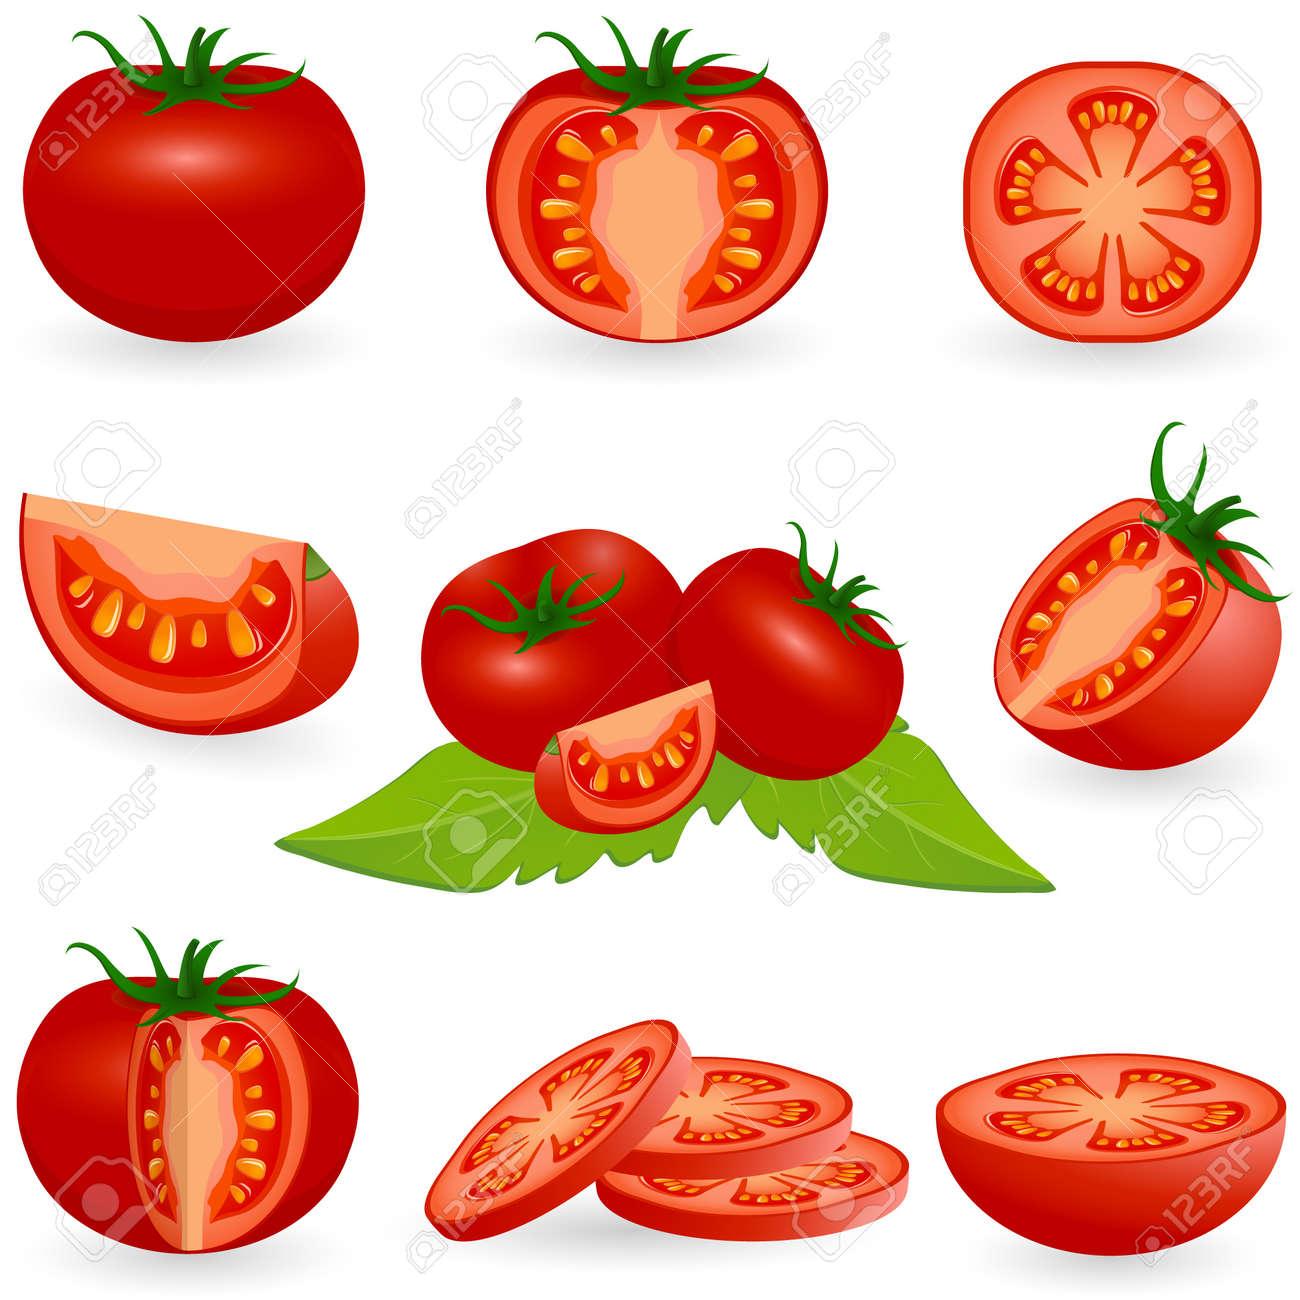 アイコン セットのトマトのイラスト素材 ベクタ Image